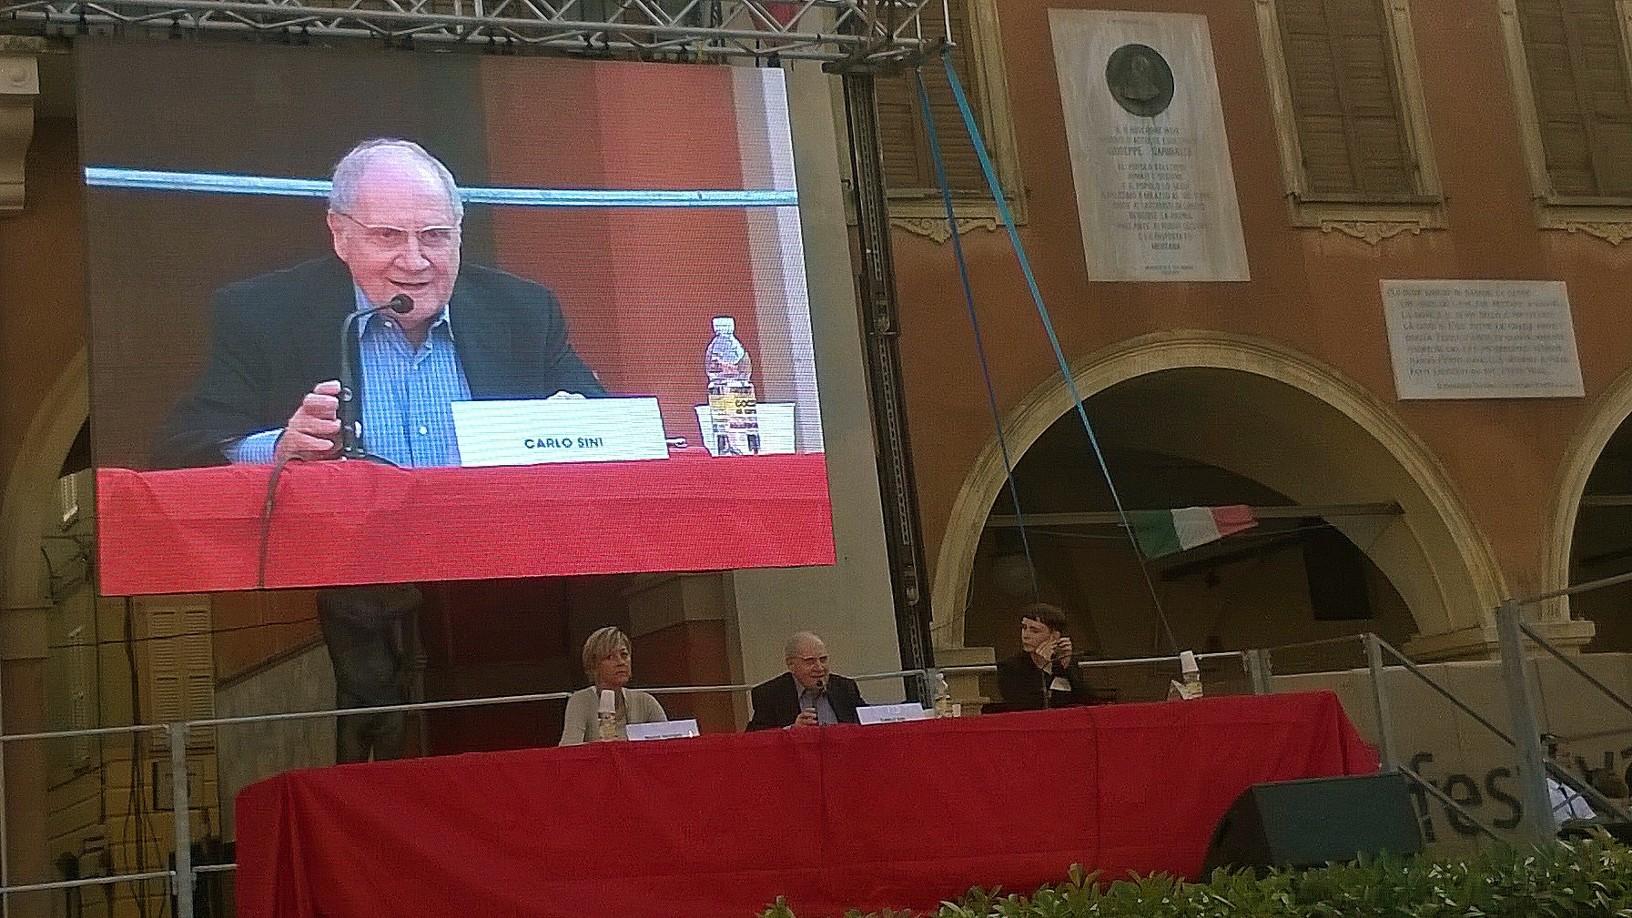 Carlo Sini festival filosofia Sassuolo 2014